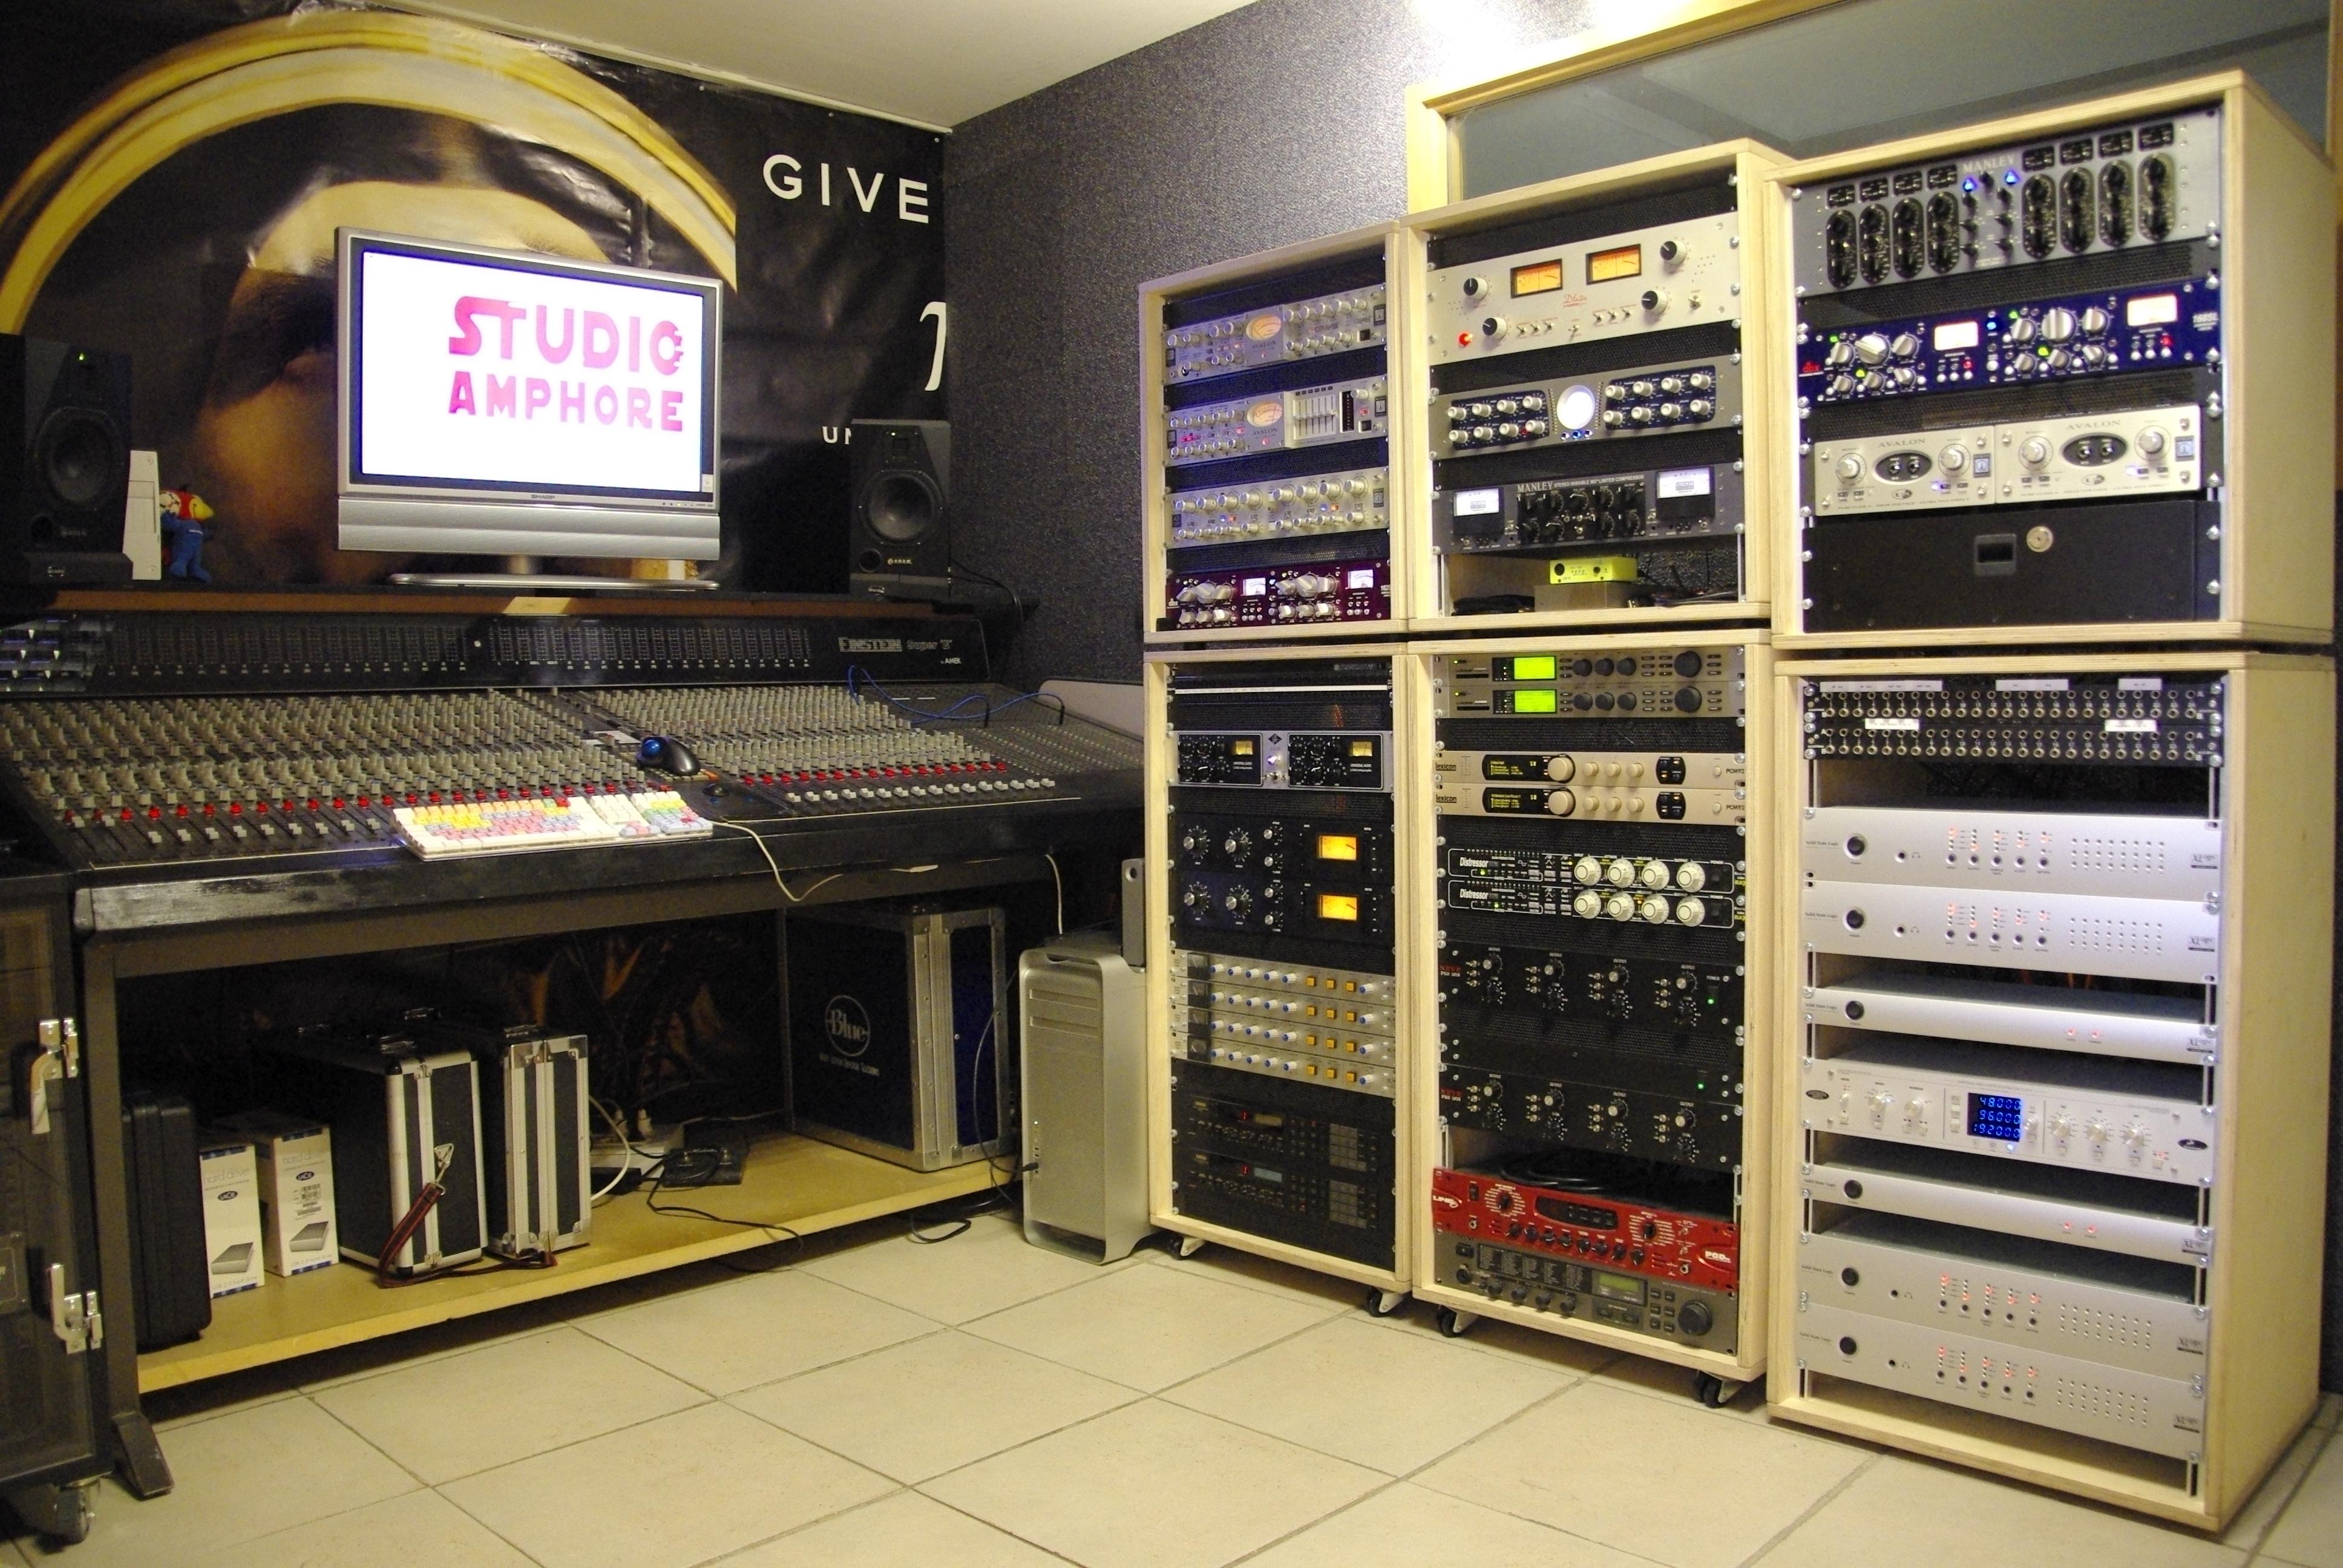 Studio Amphore_Enregistrement_Mixage_Mastering_Lyon.JPG